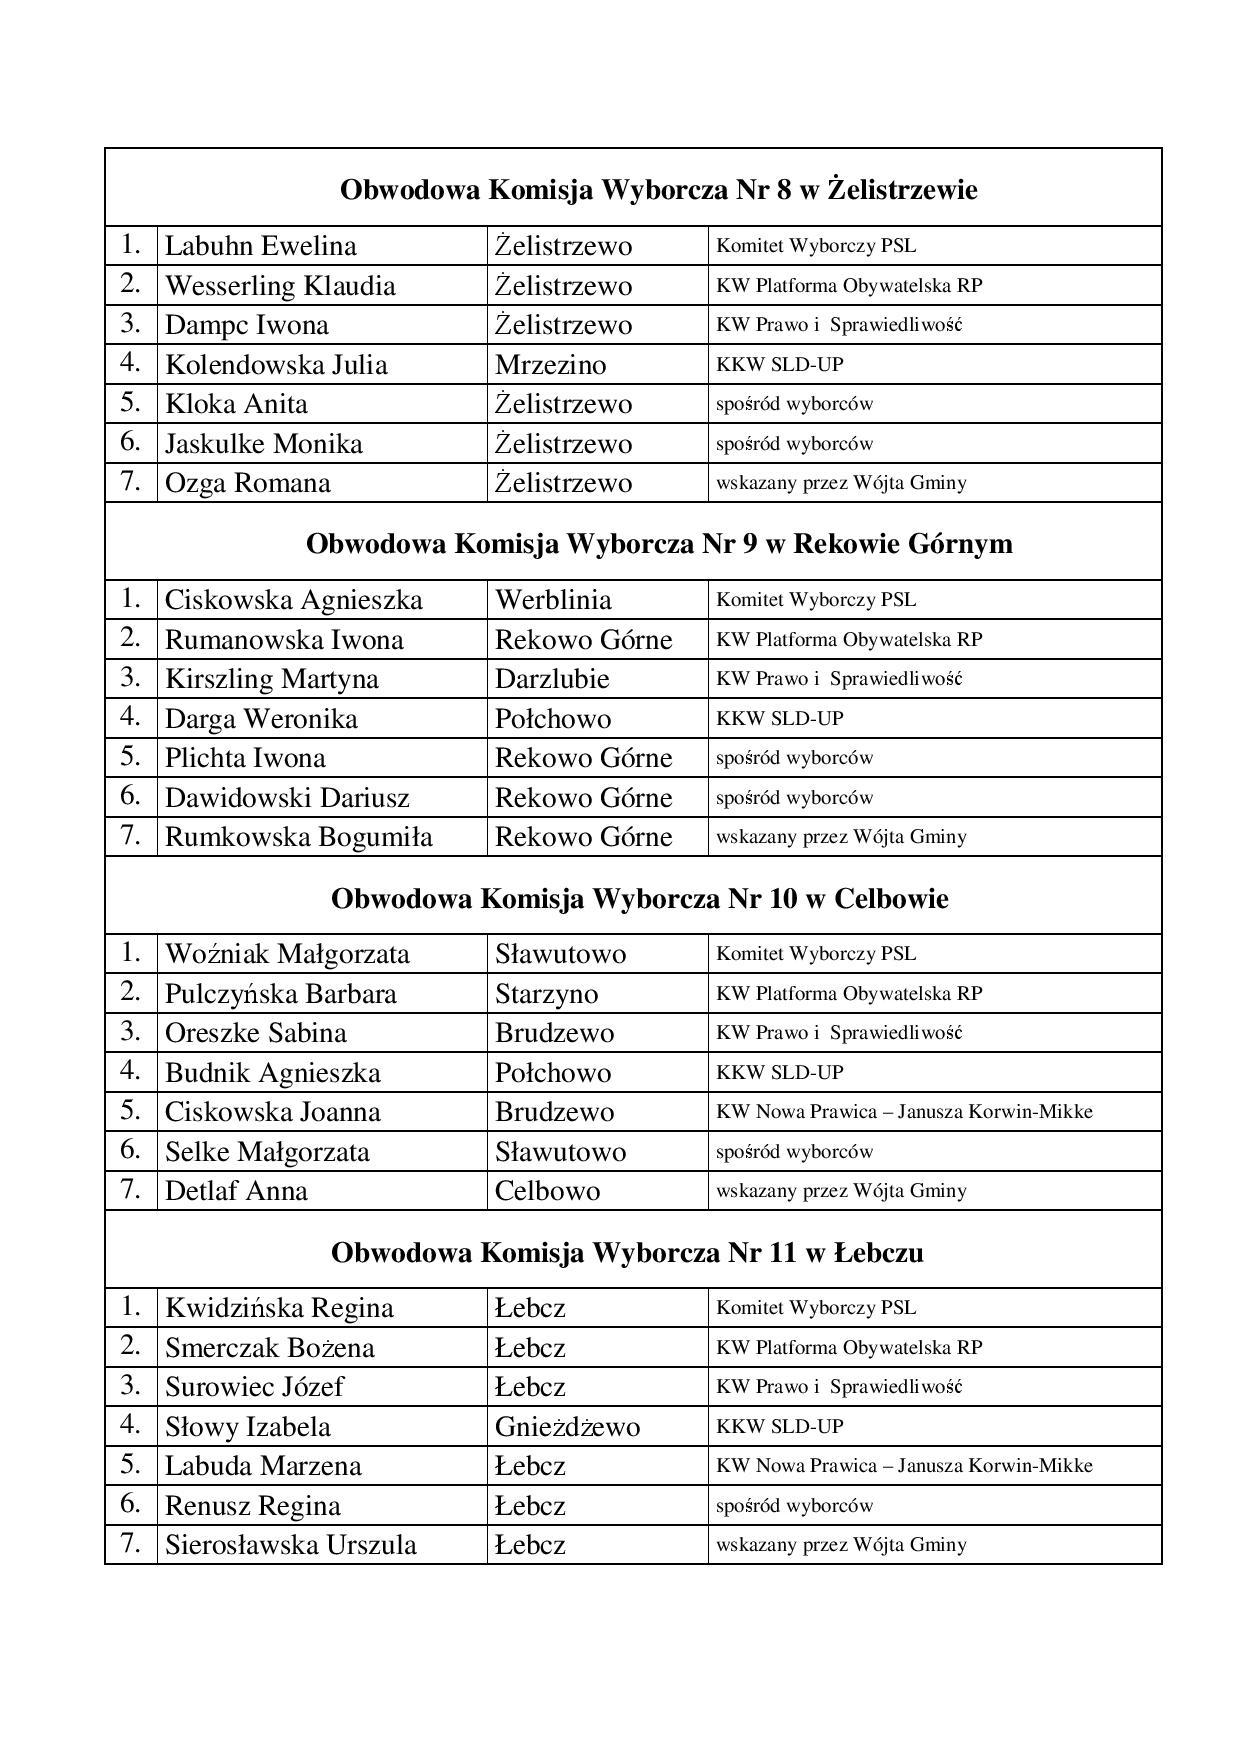 Zarządzenie 81-2014 powołanie OKW - PE-page-003 (1)